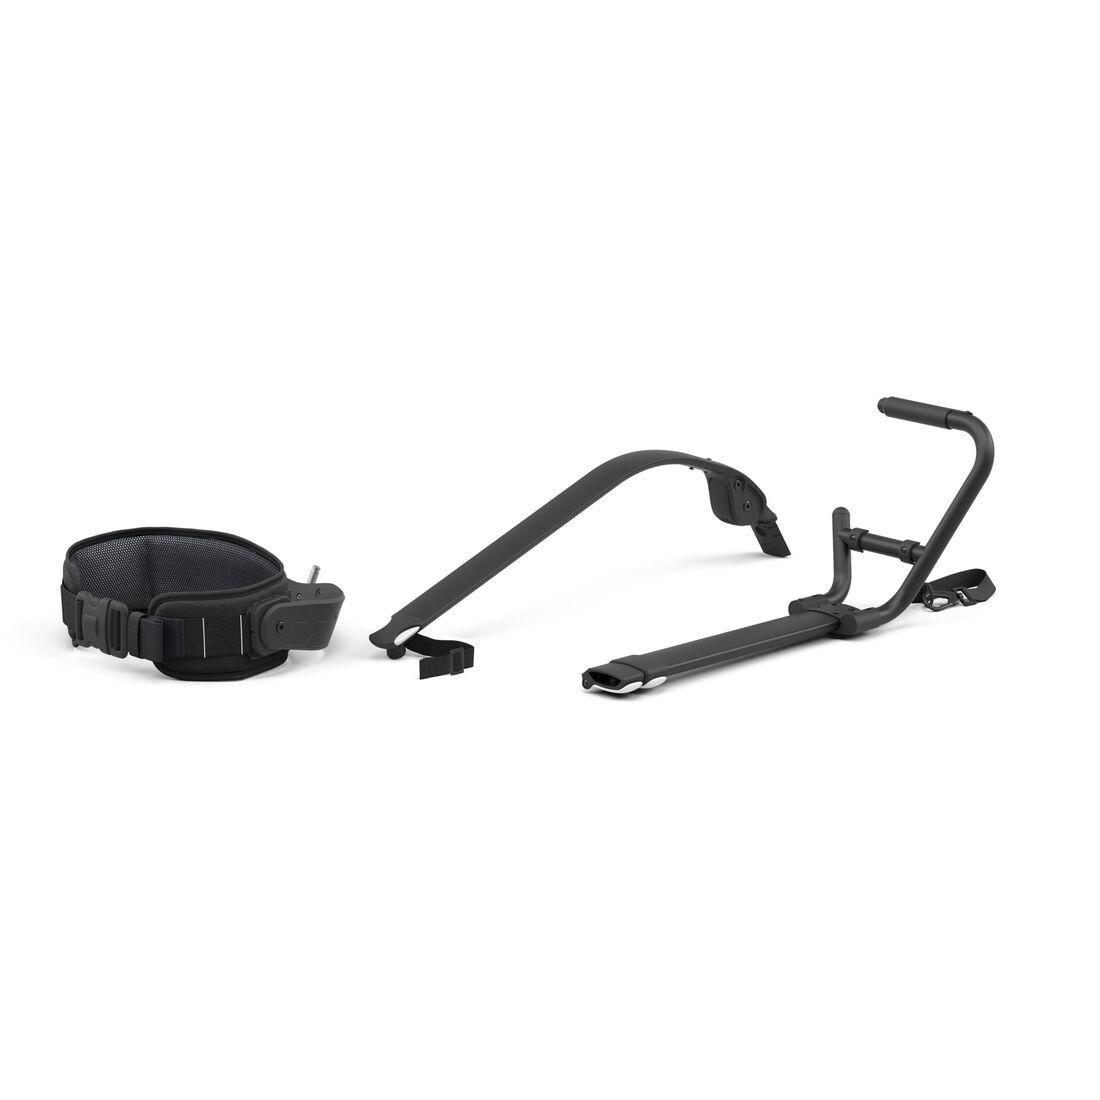 CYBEX Zeno Hands-free Kit - Black in Black large